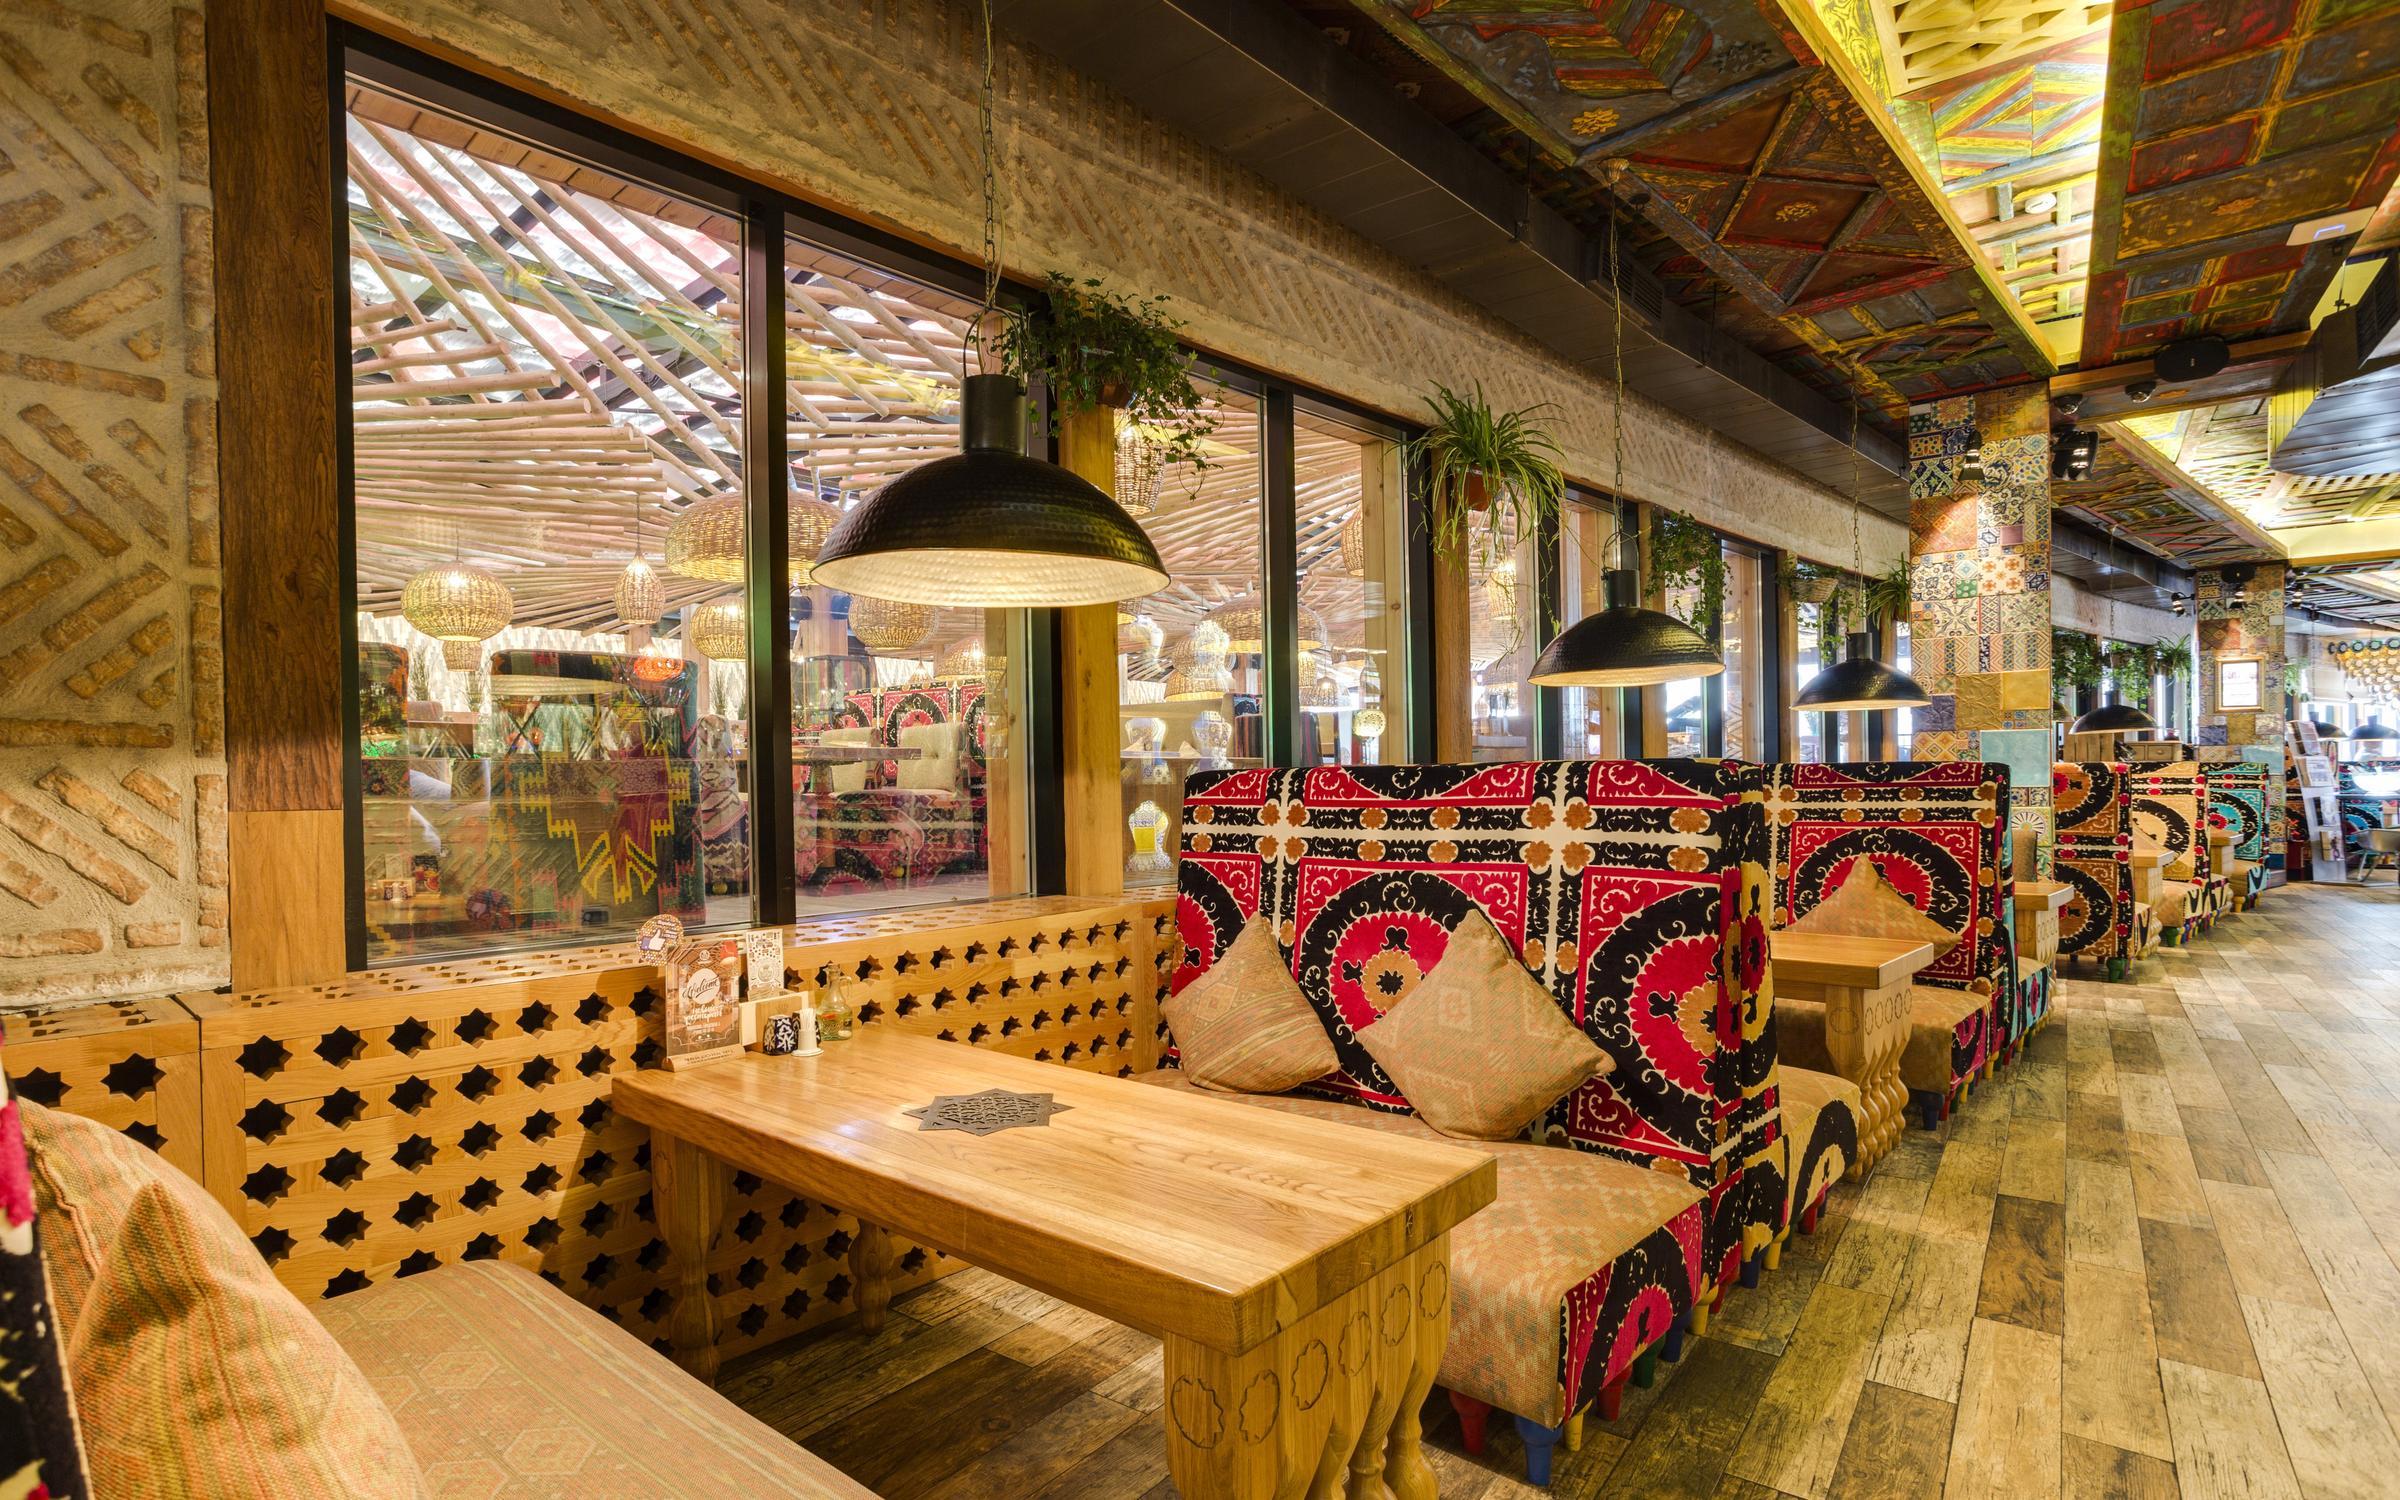 фотография Ресторана Чайхона №1 Тимура Ланского в ТЦ Мандарин